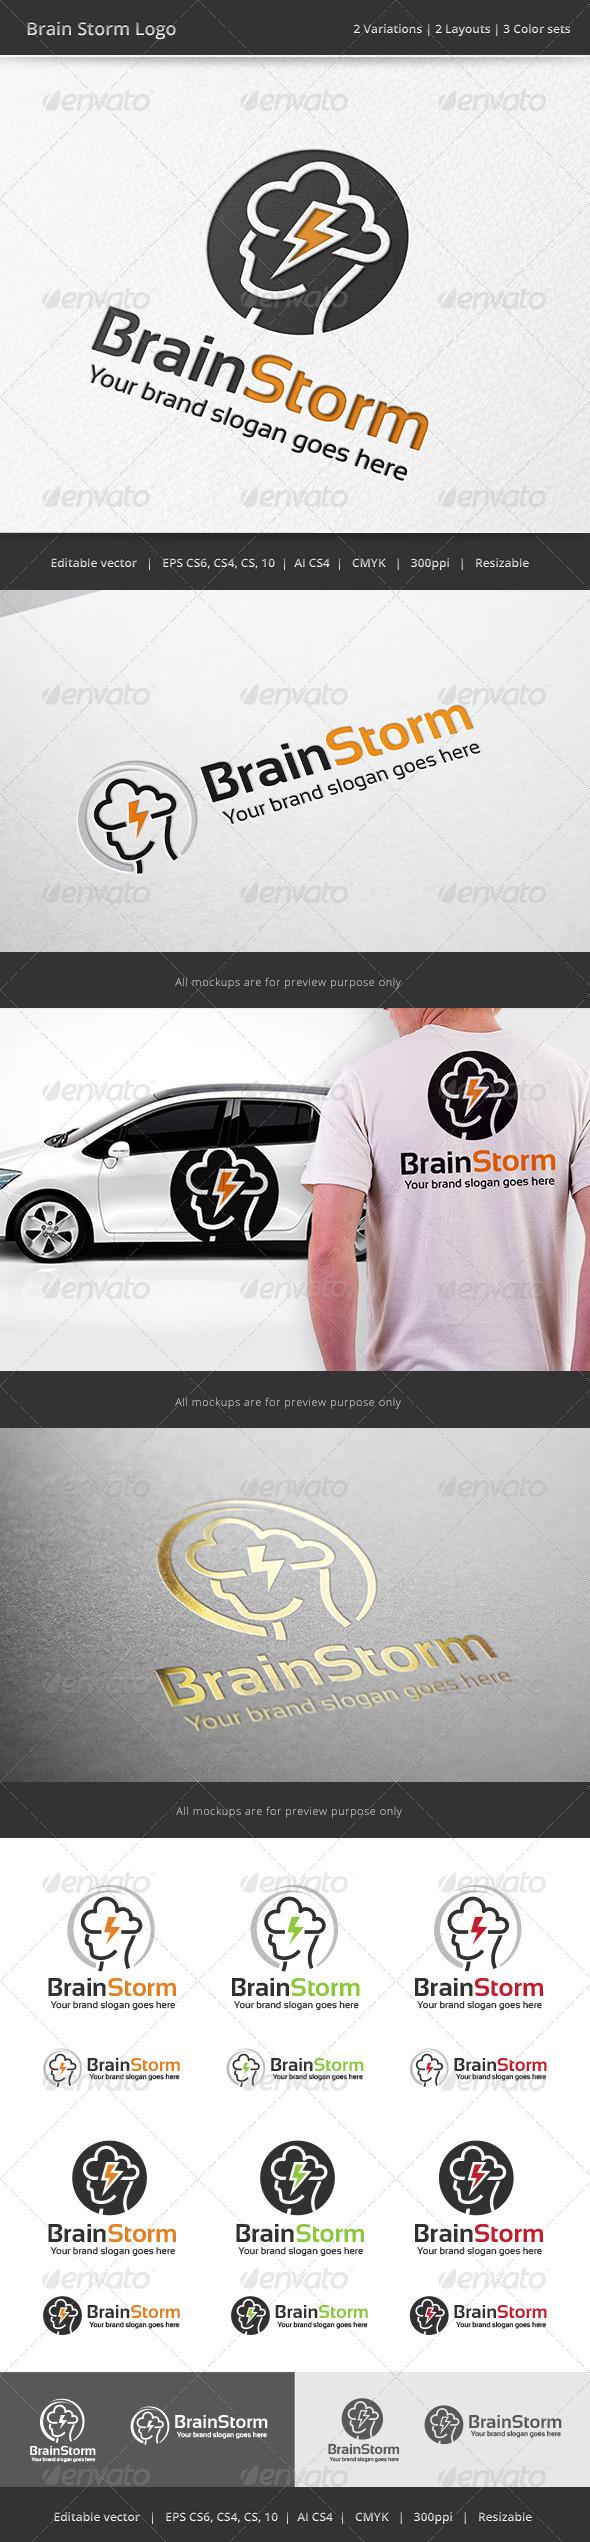 GraphicRiver Brain Storm Logo 7721660